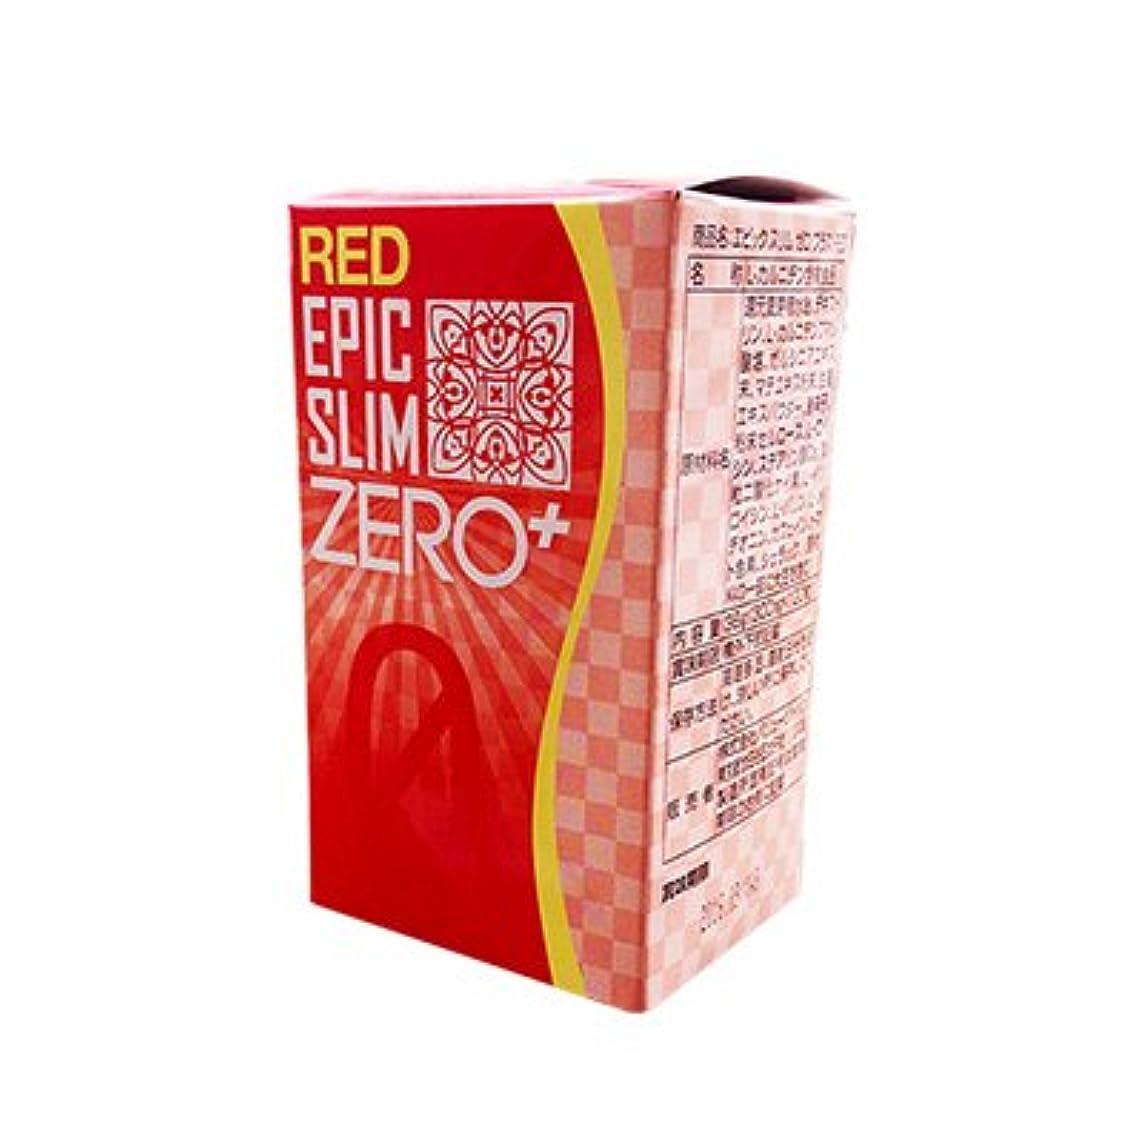 一分類する埋めるレッド エピックスリム ゼロ レッド Epic Slim ZERO RED